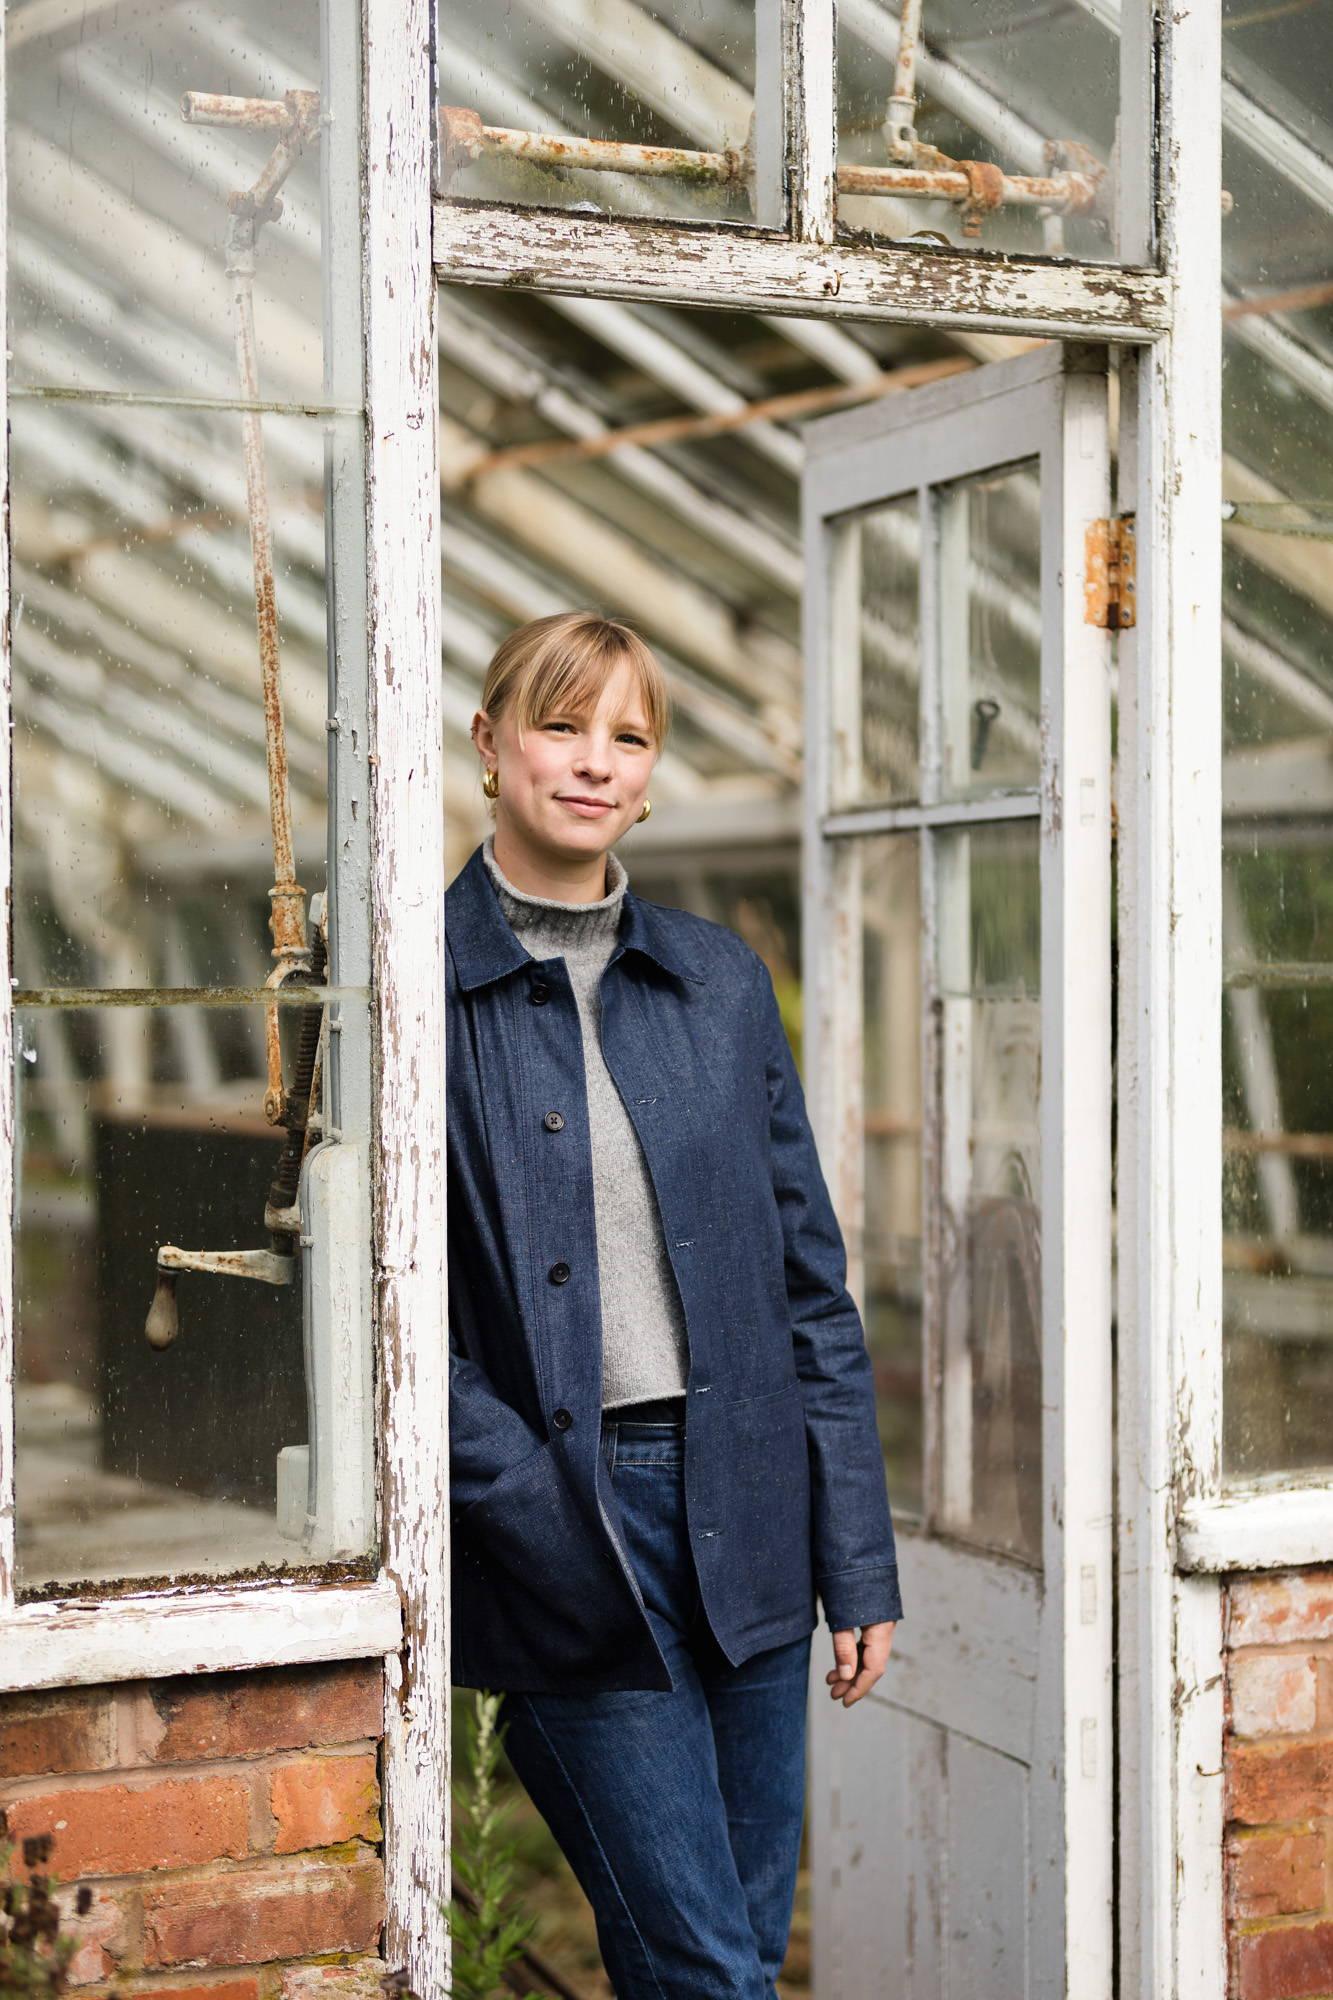 Xanthe Gladstone in a Wood & Meadow Gardener Jacket